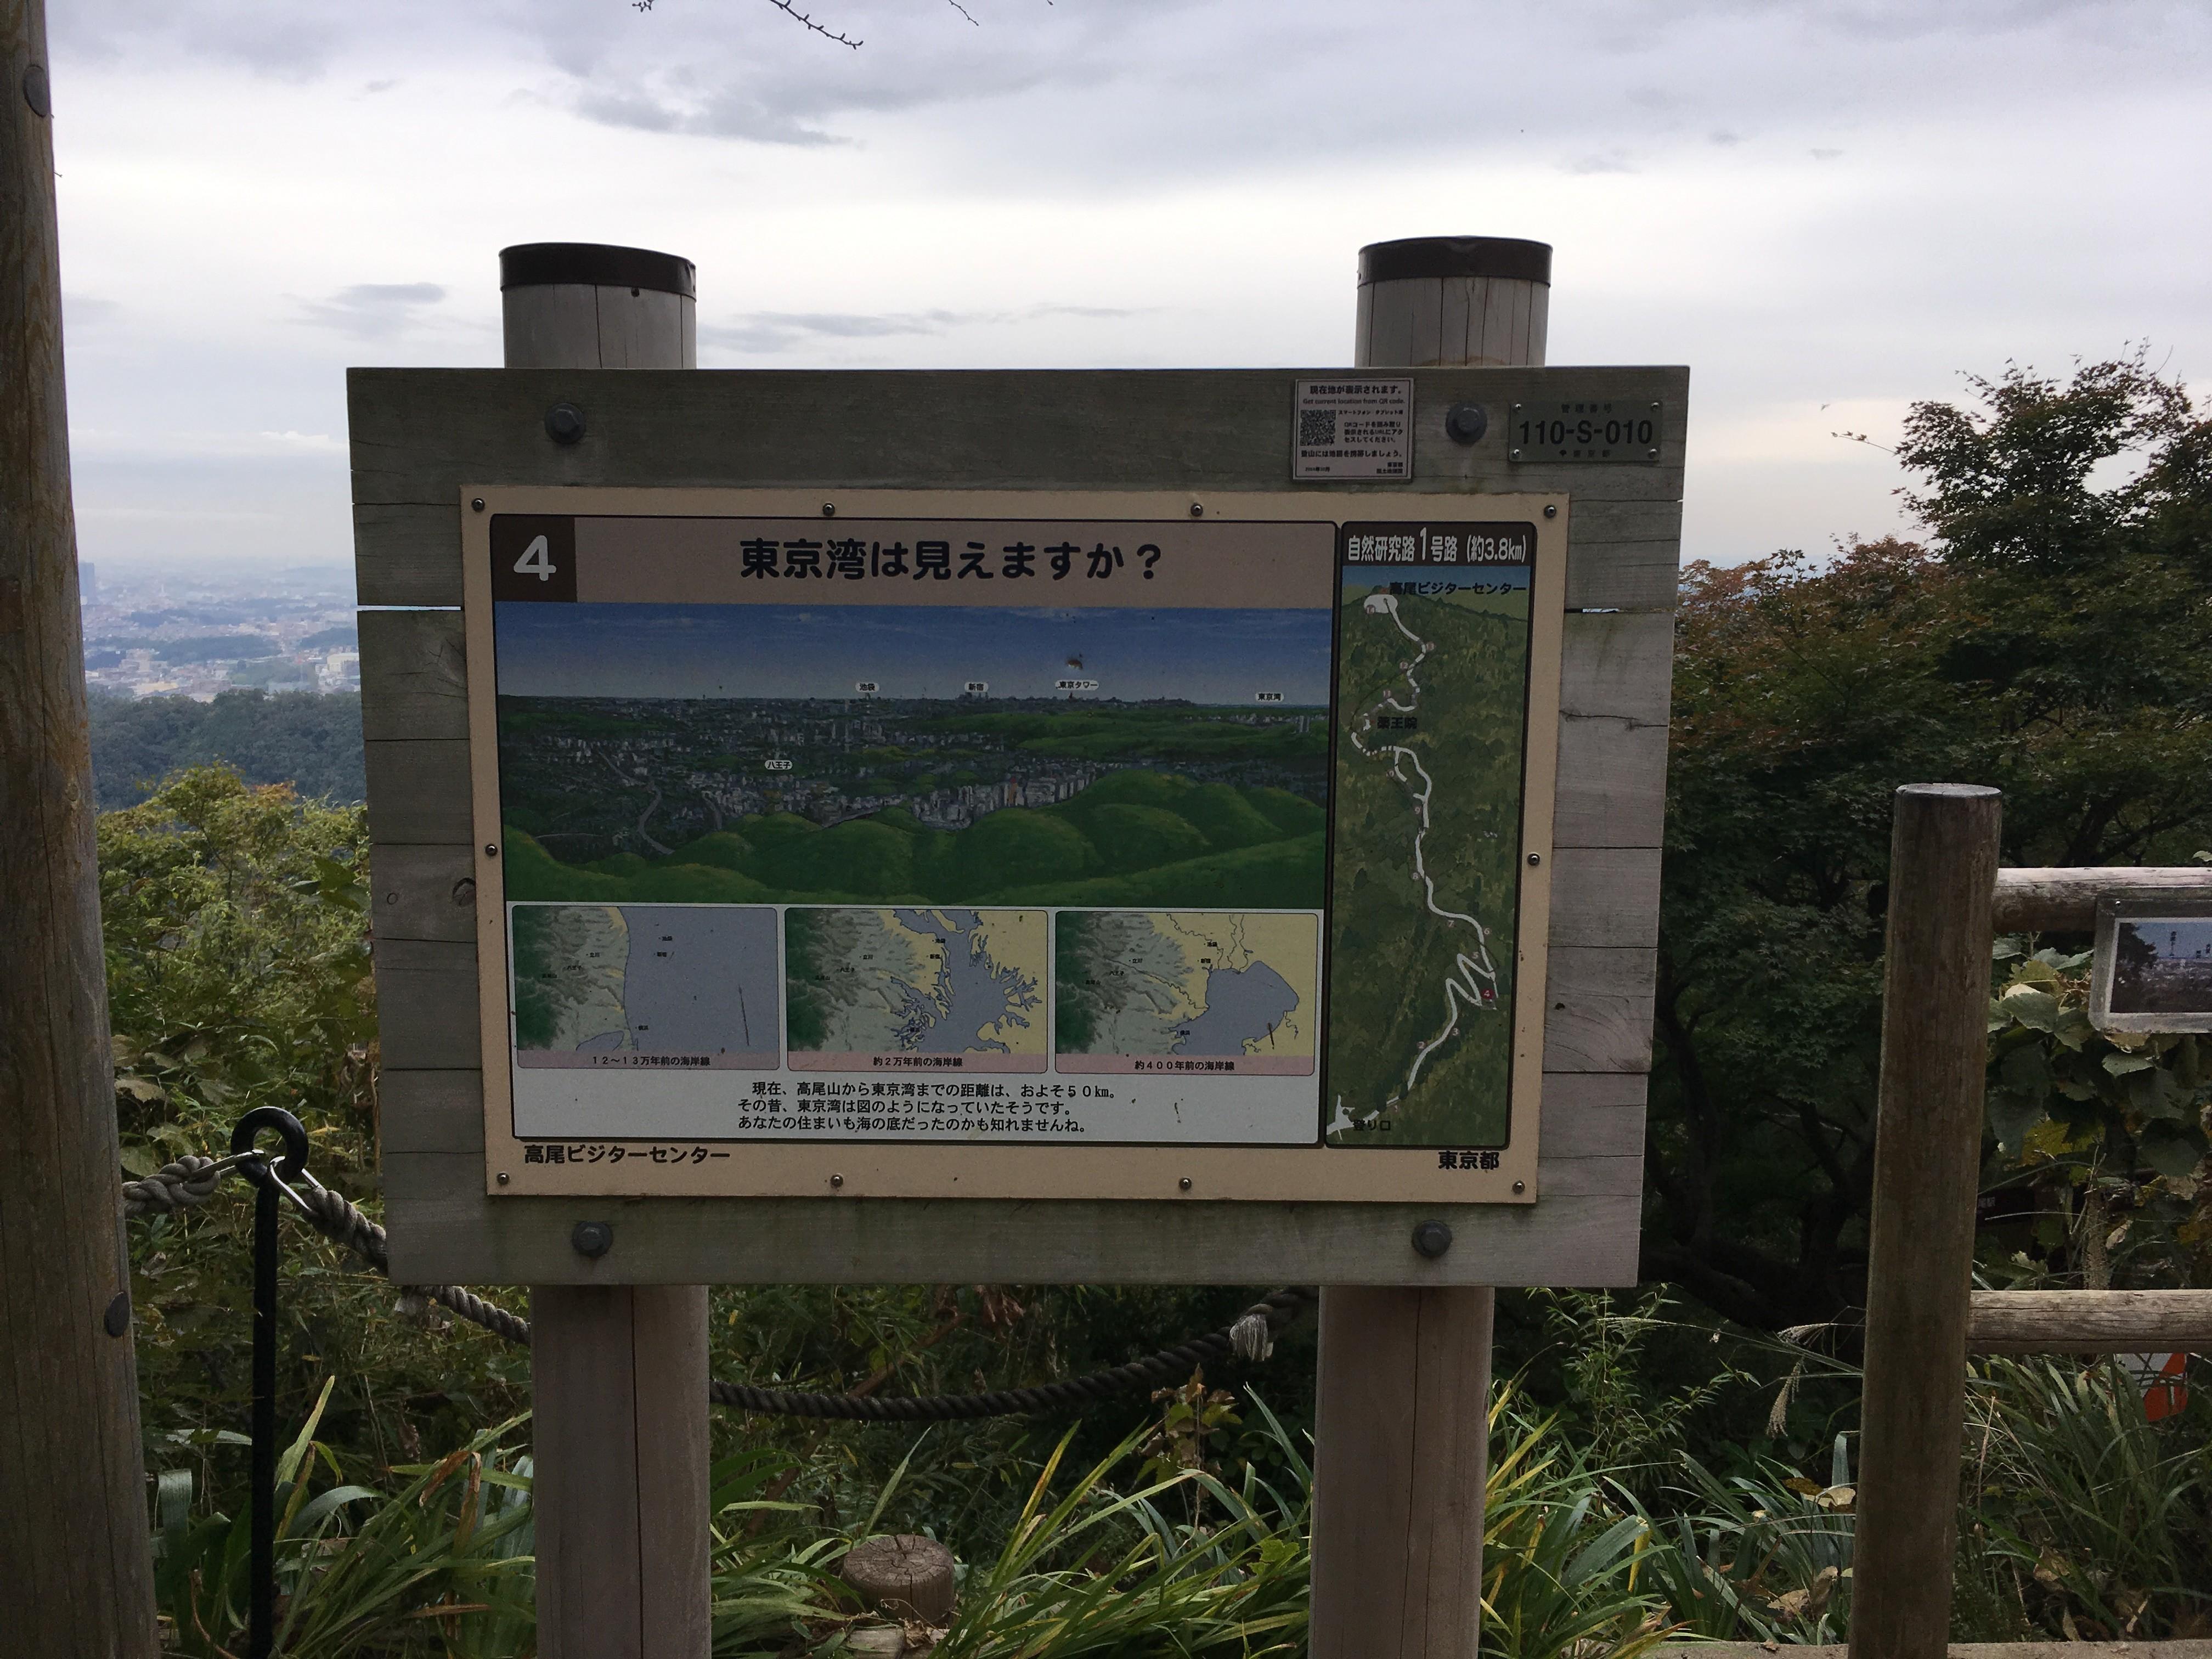 城見台から東京湾は見えますか?